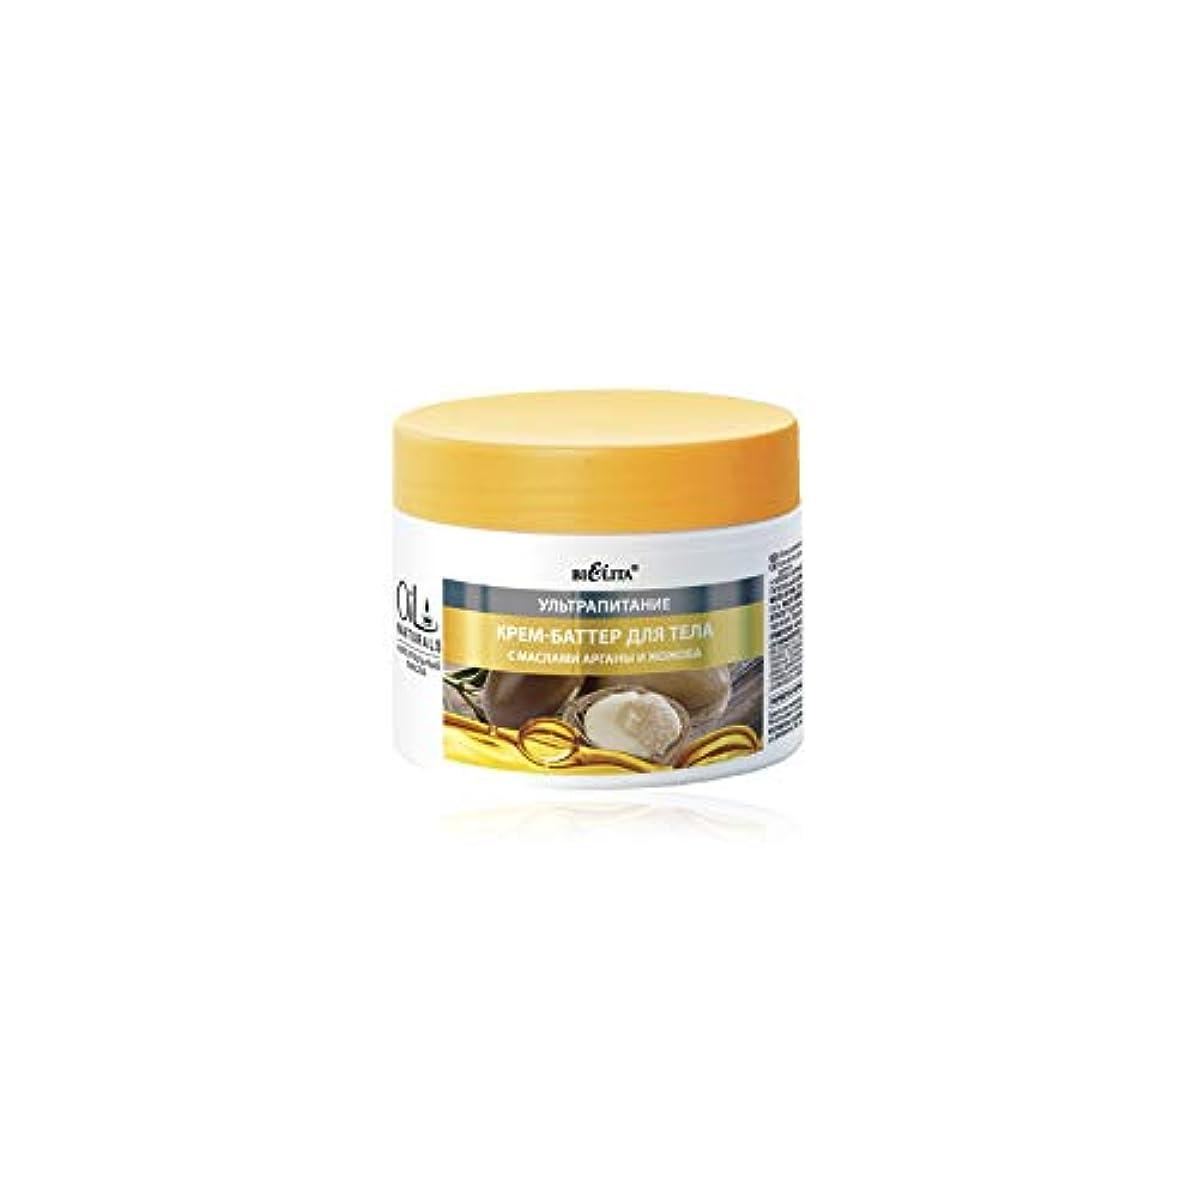 テレビ局知る具体的にBielita & Vitex Oil Naturals Line | Ultra Nourishing Body Butter-Cream for Dry and Sensitive Skin, 300 ml | Argan...